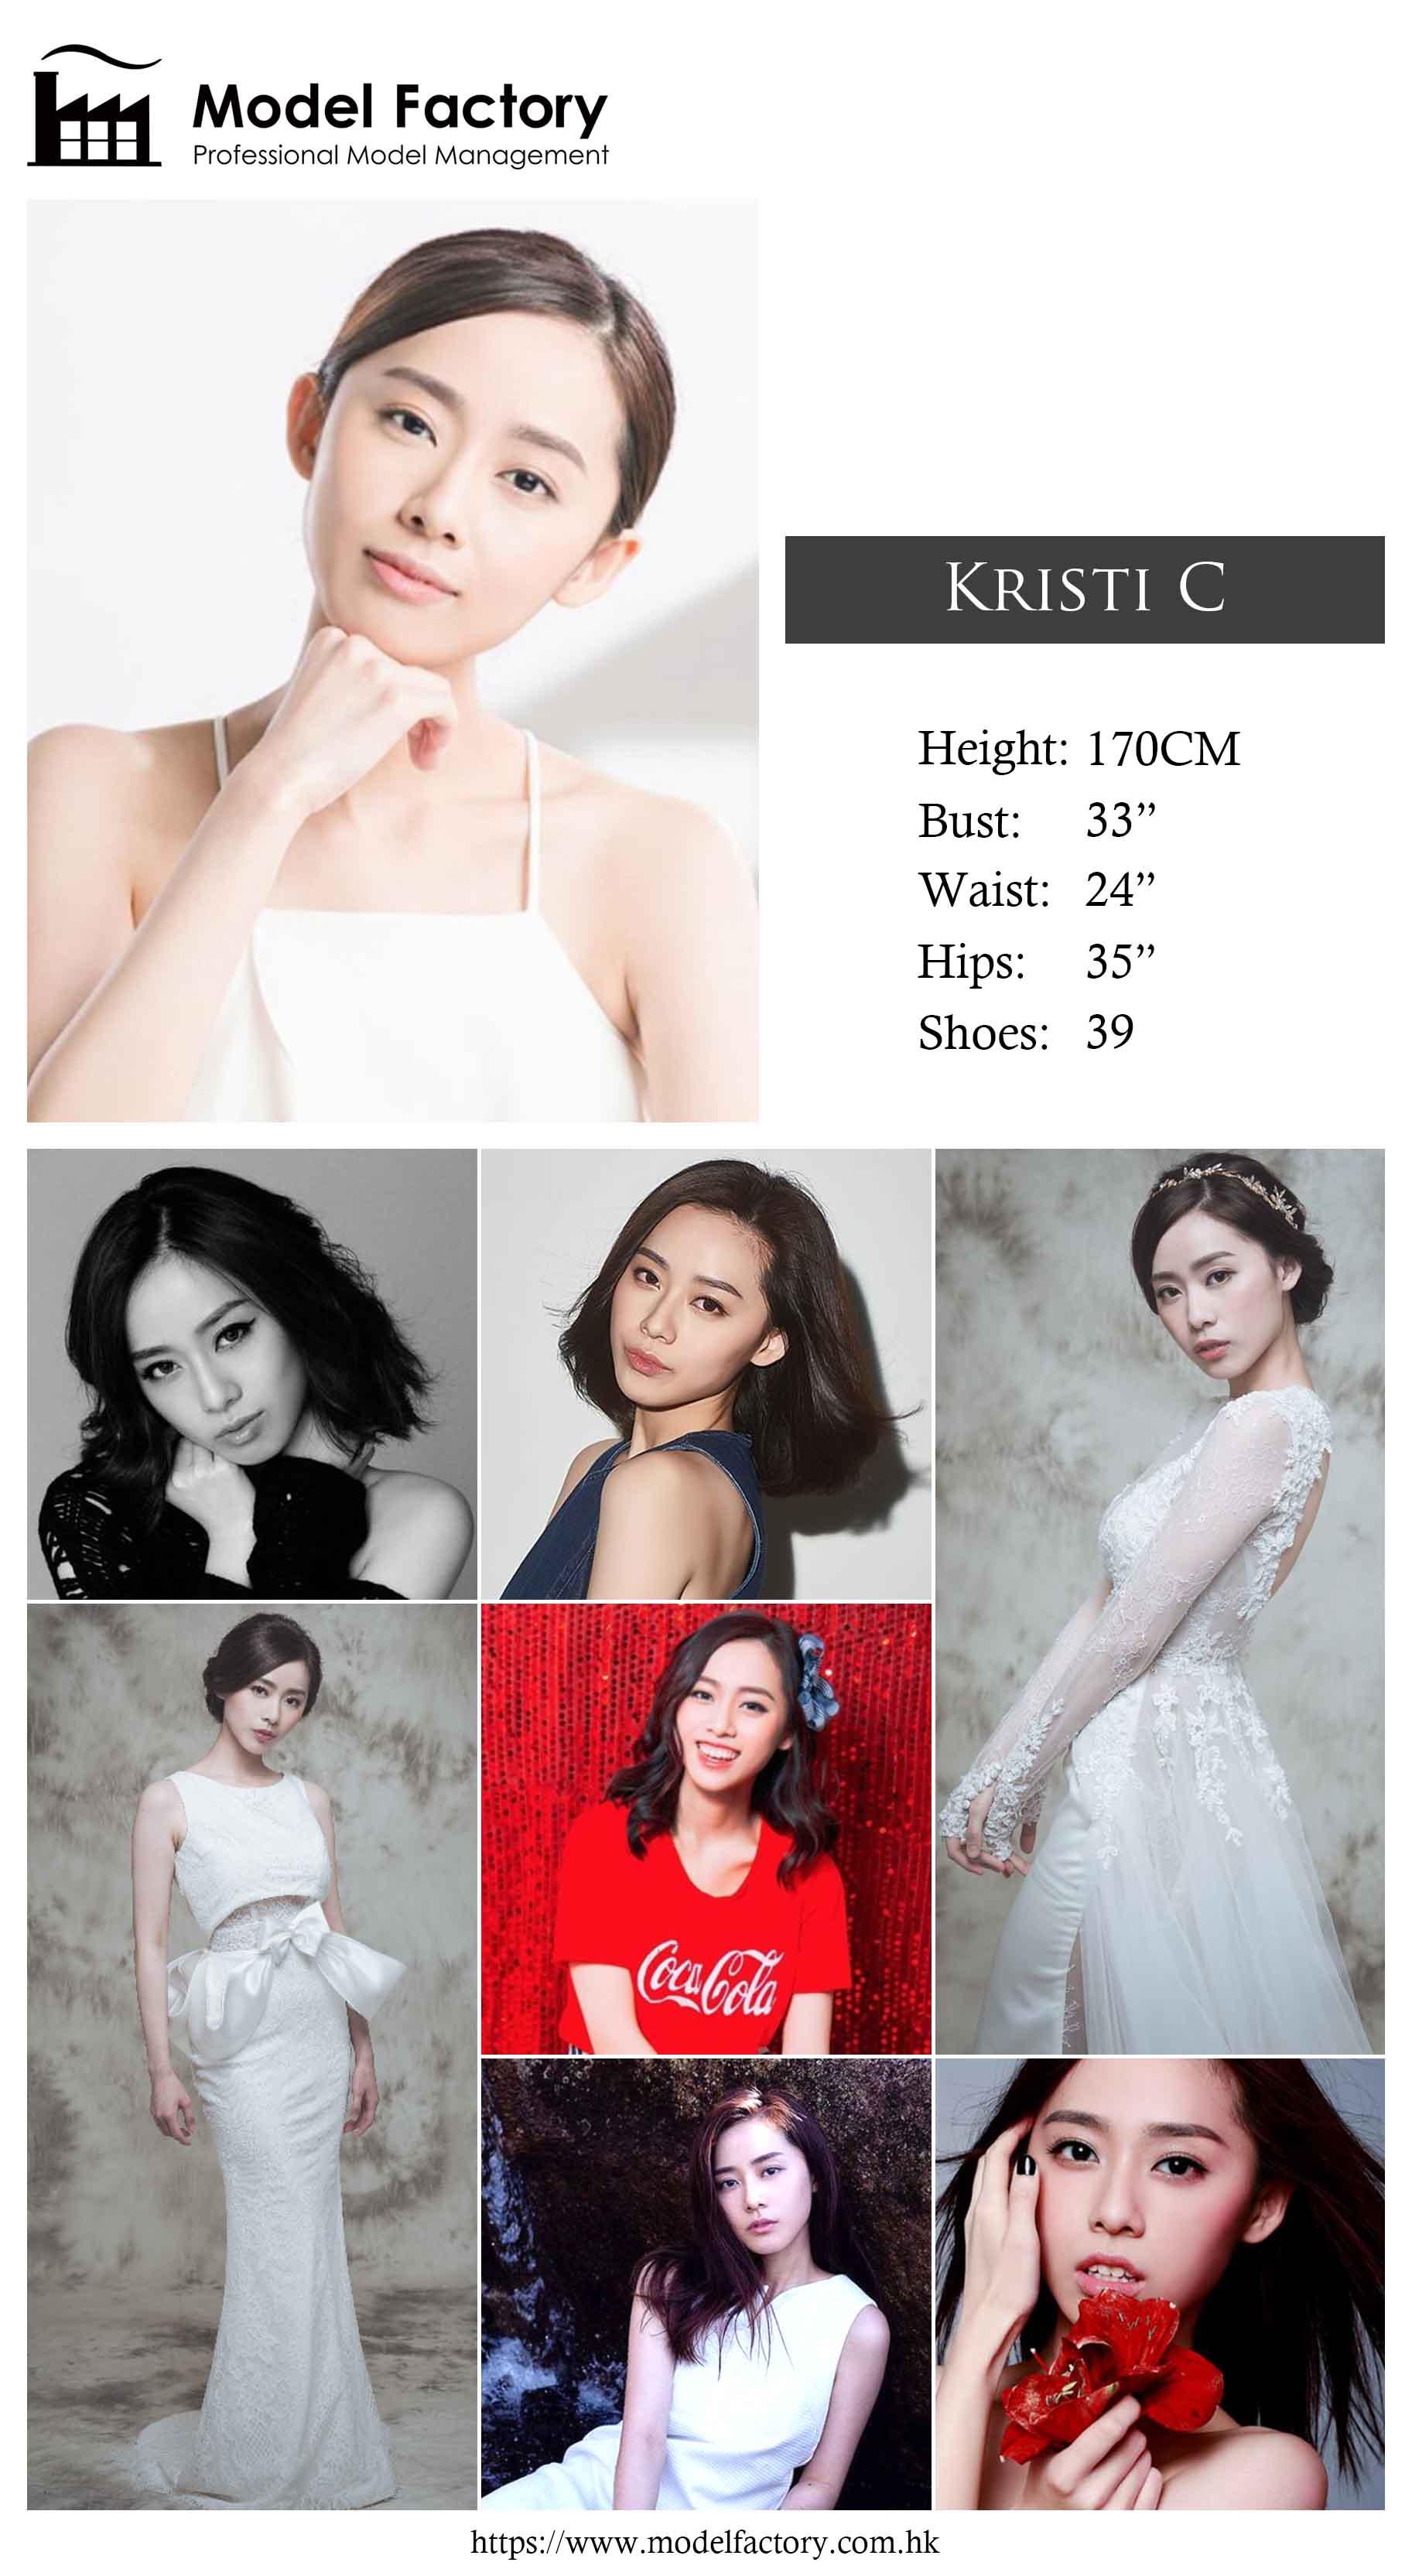 model agency hk Kristi C